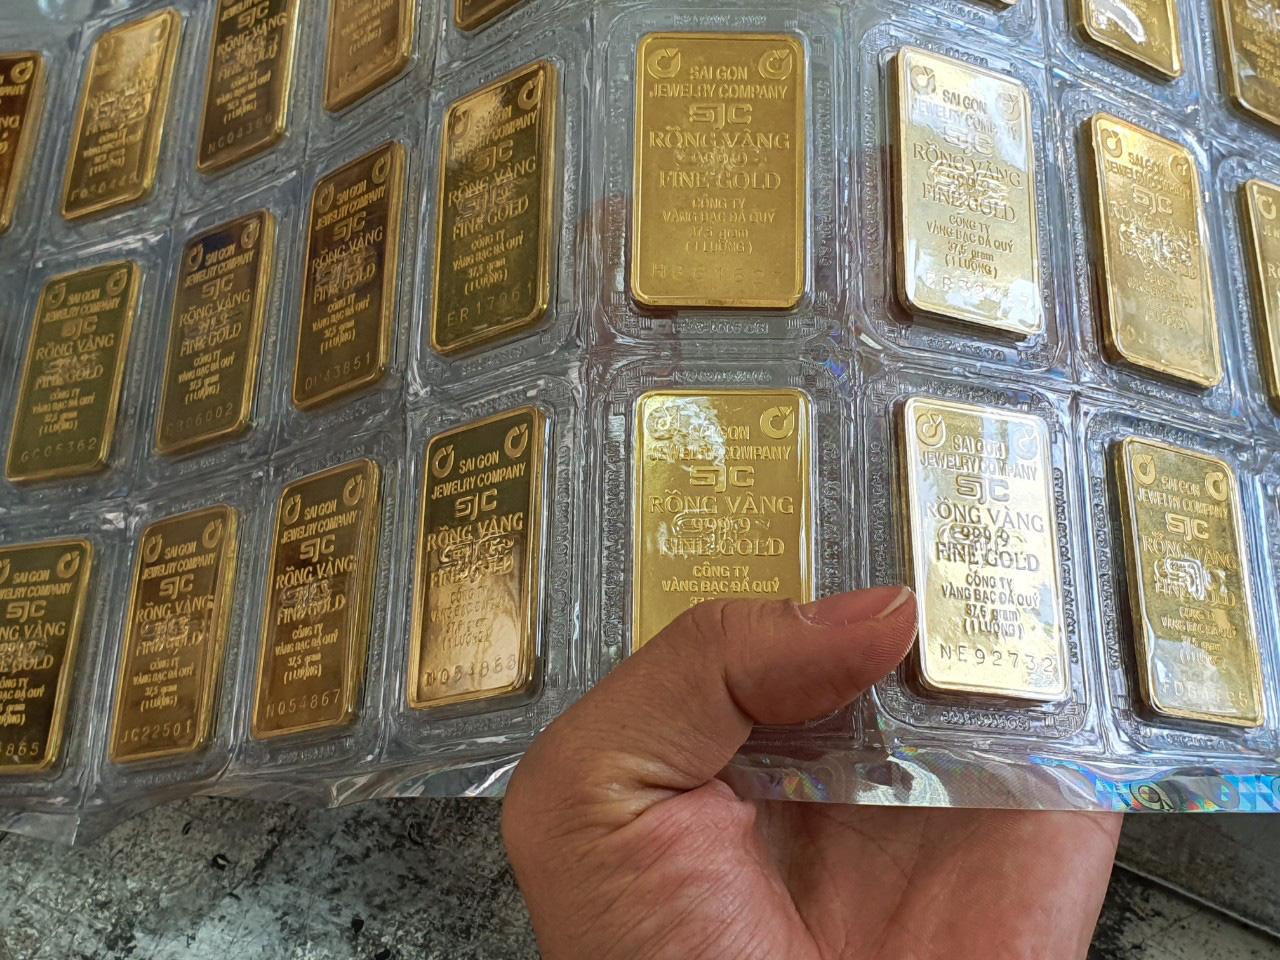 Giá vàng hôm nay 22/9: Vàng SJC tăng 300.000 đồng/lượng - Ảnh 1.